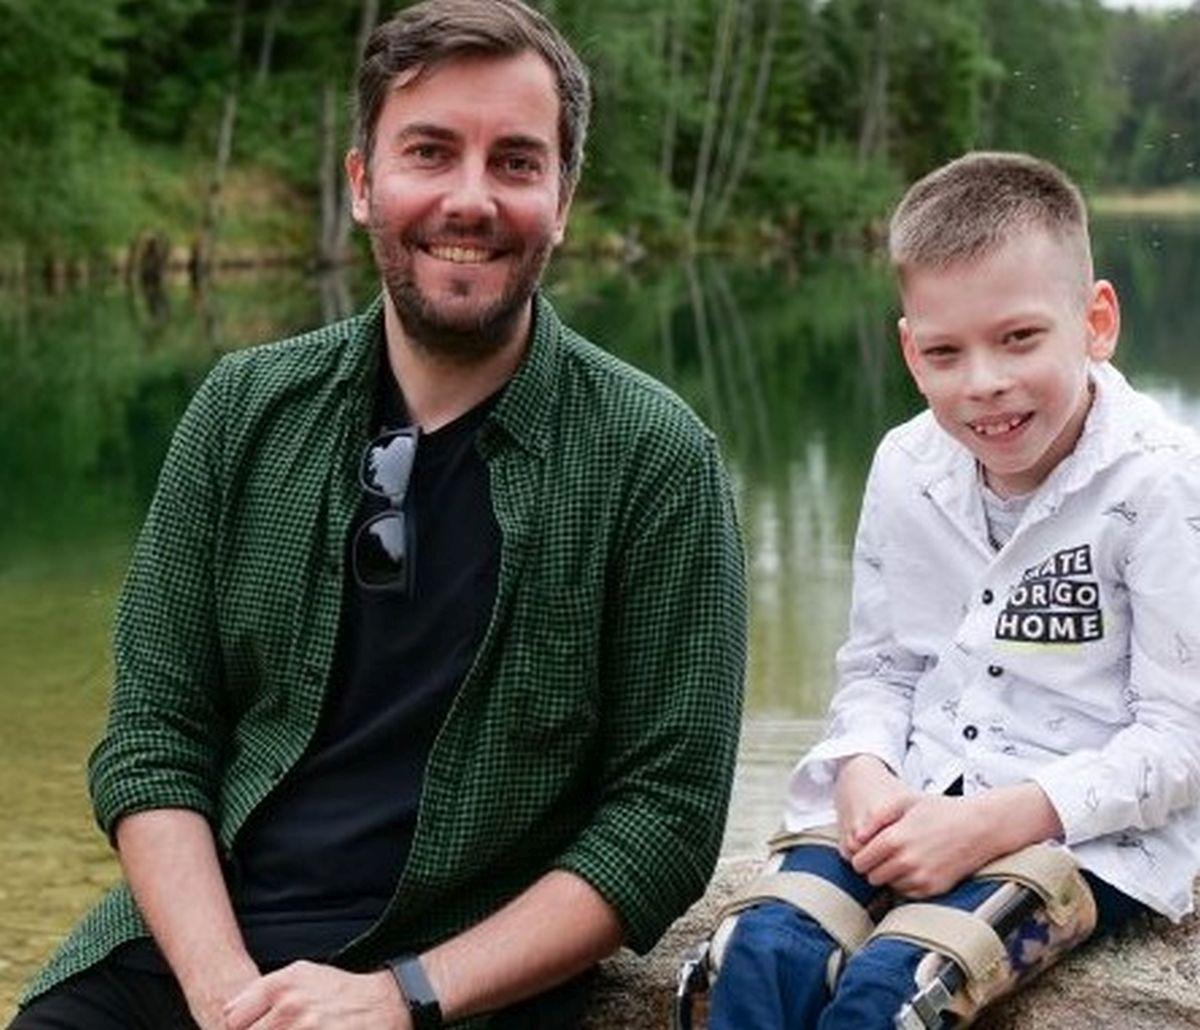 KEVIN KÕNDIMA I Aitame 11-aastase liikumispuudega Kevini iseseisvalt kõndima